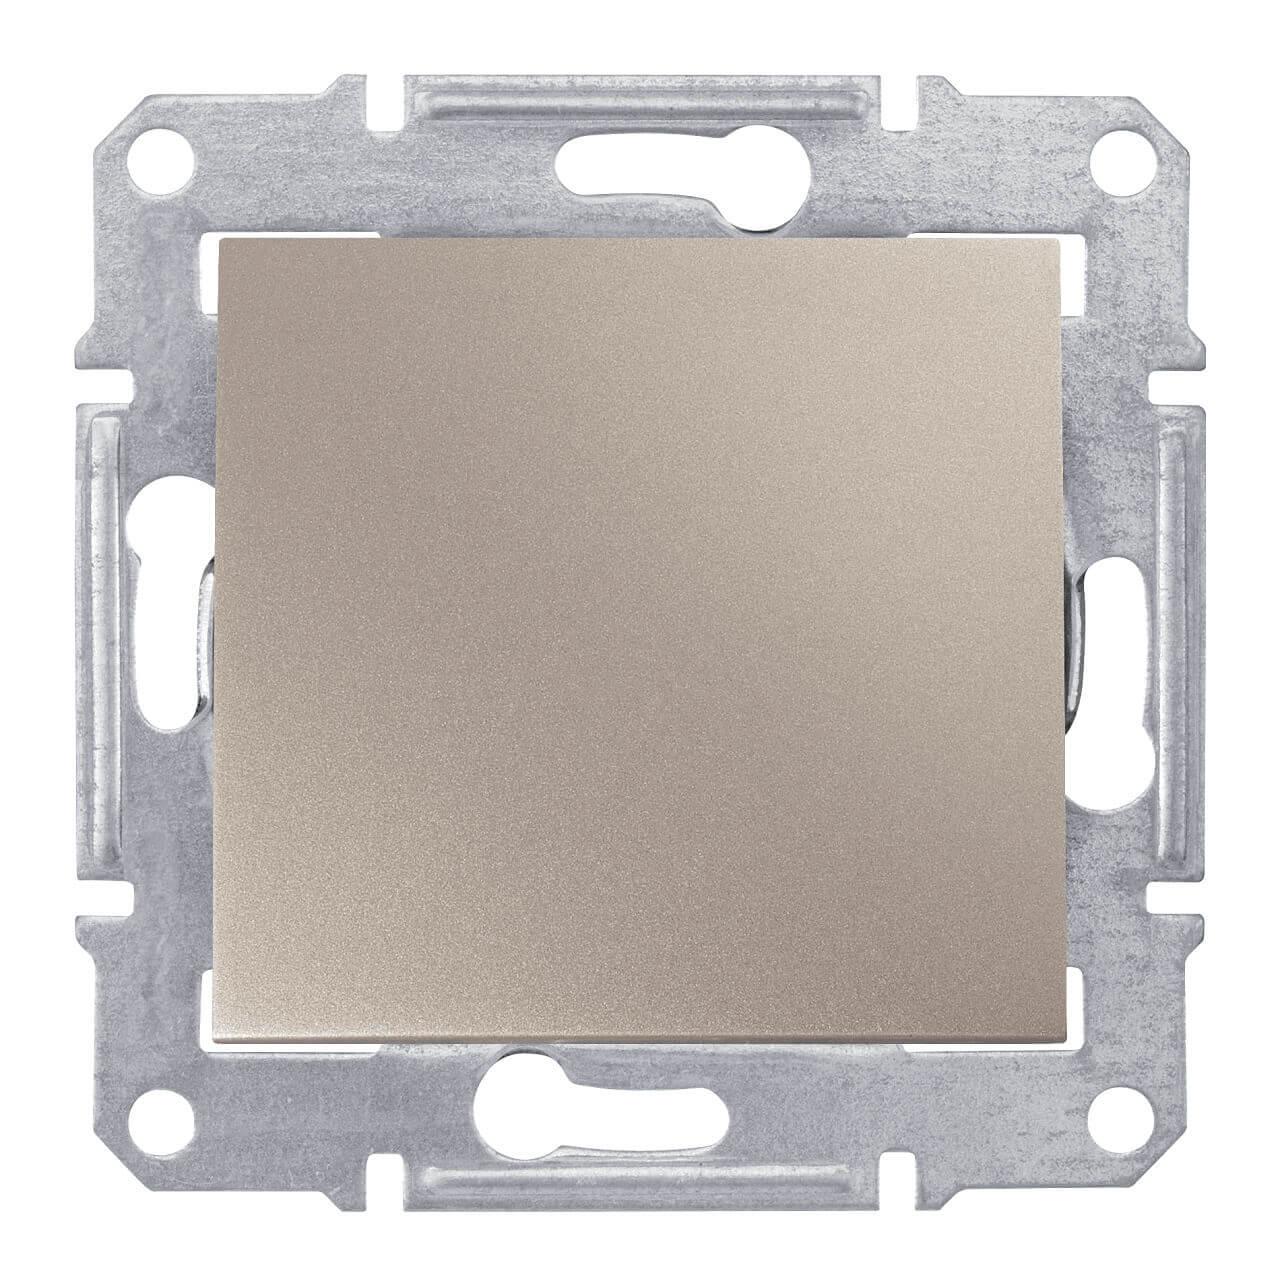 Выключатель Schneider Electric SDN0400168 Sedna переключатель одноклавишный schneider electric sedna 10a 250v sdn0400170